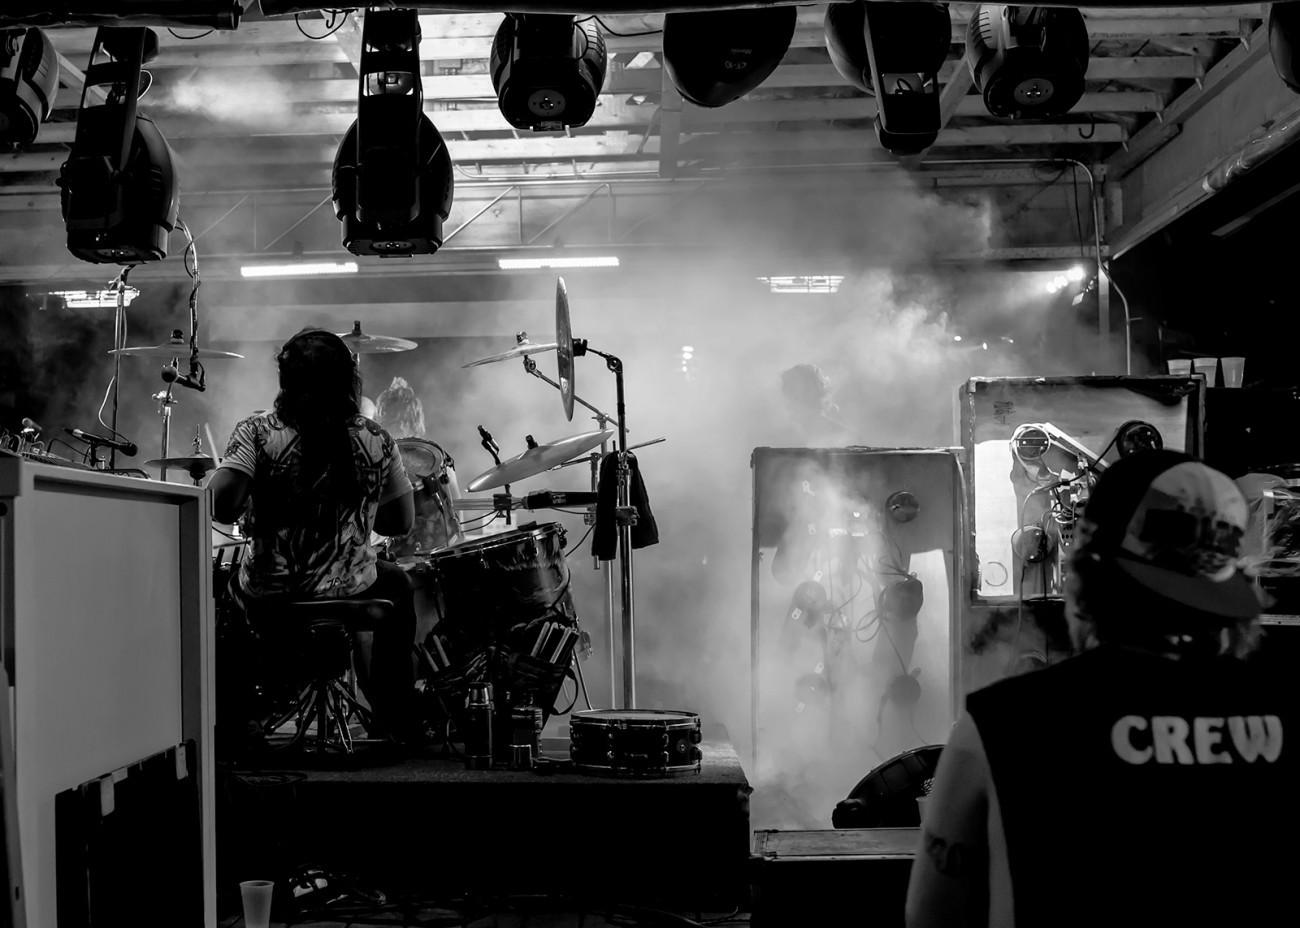 Drummer-back-c-Blk-Wh.jpg